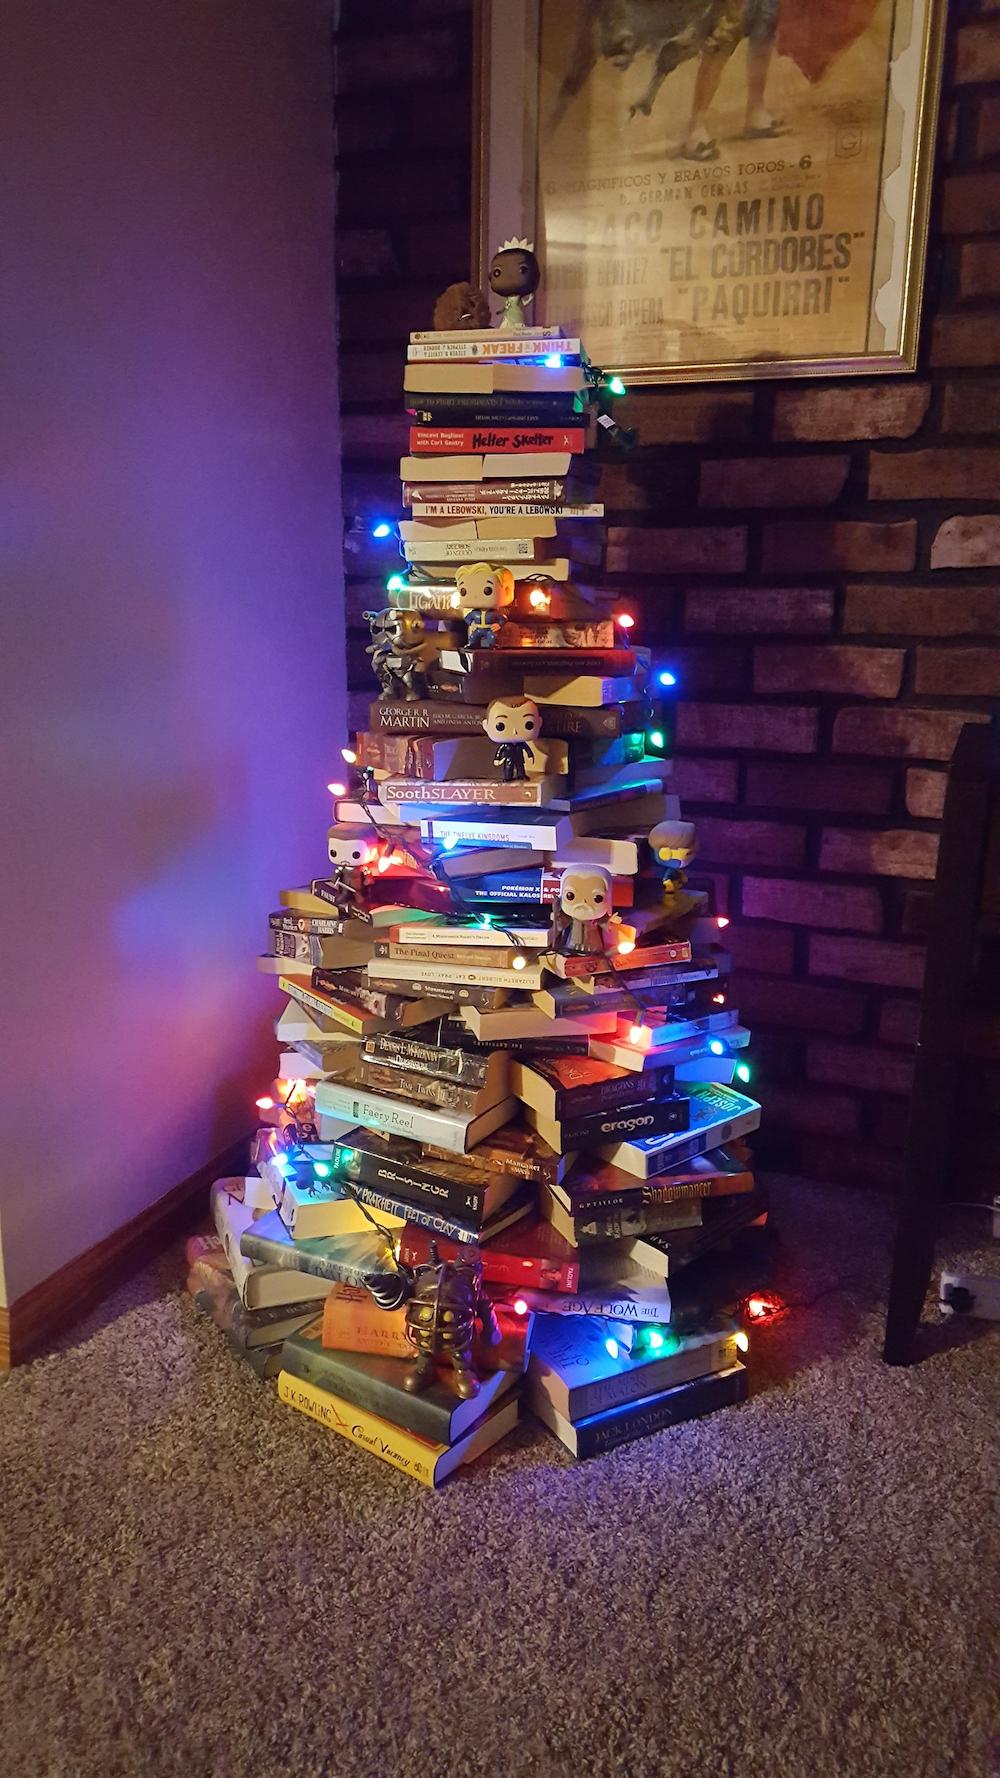 Dise os de rboles de navidad para creativos frogx three - Arboles de navidad de chuches ...